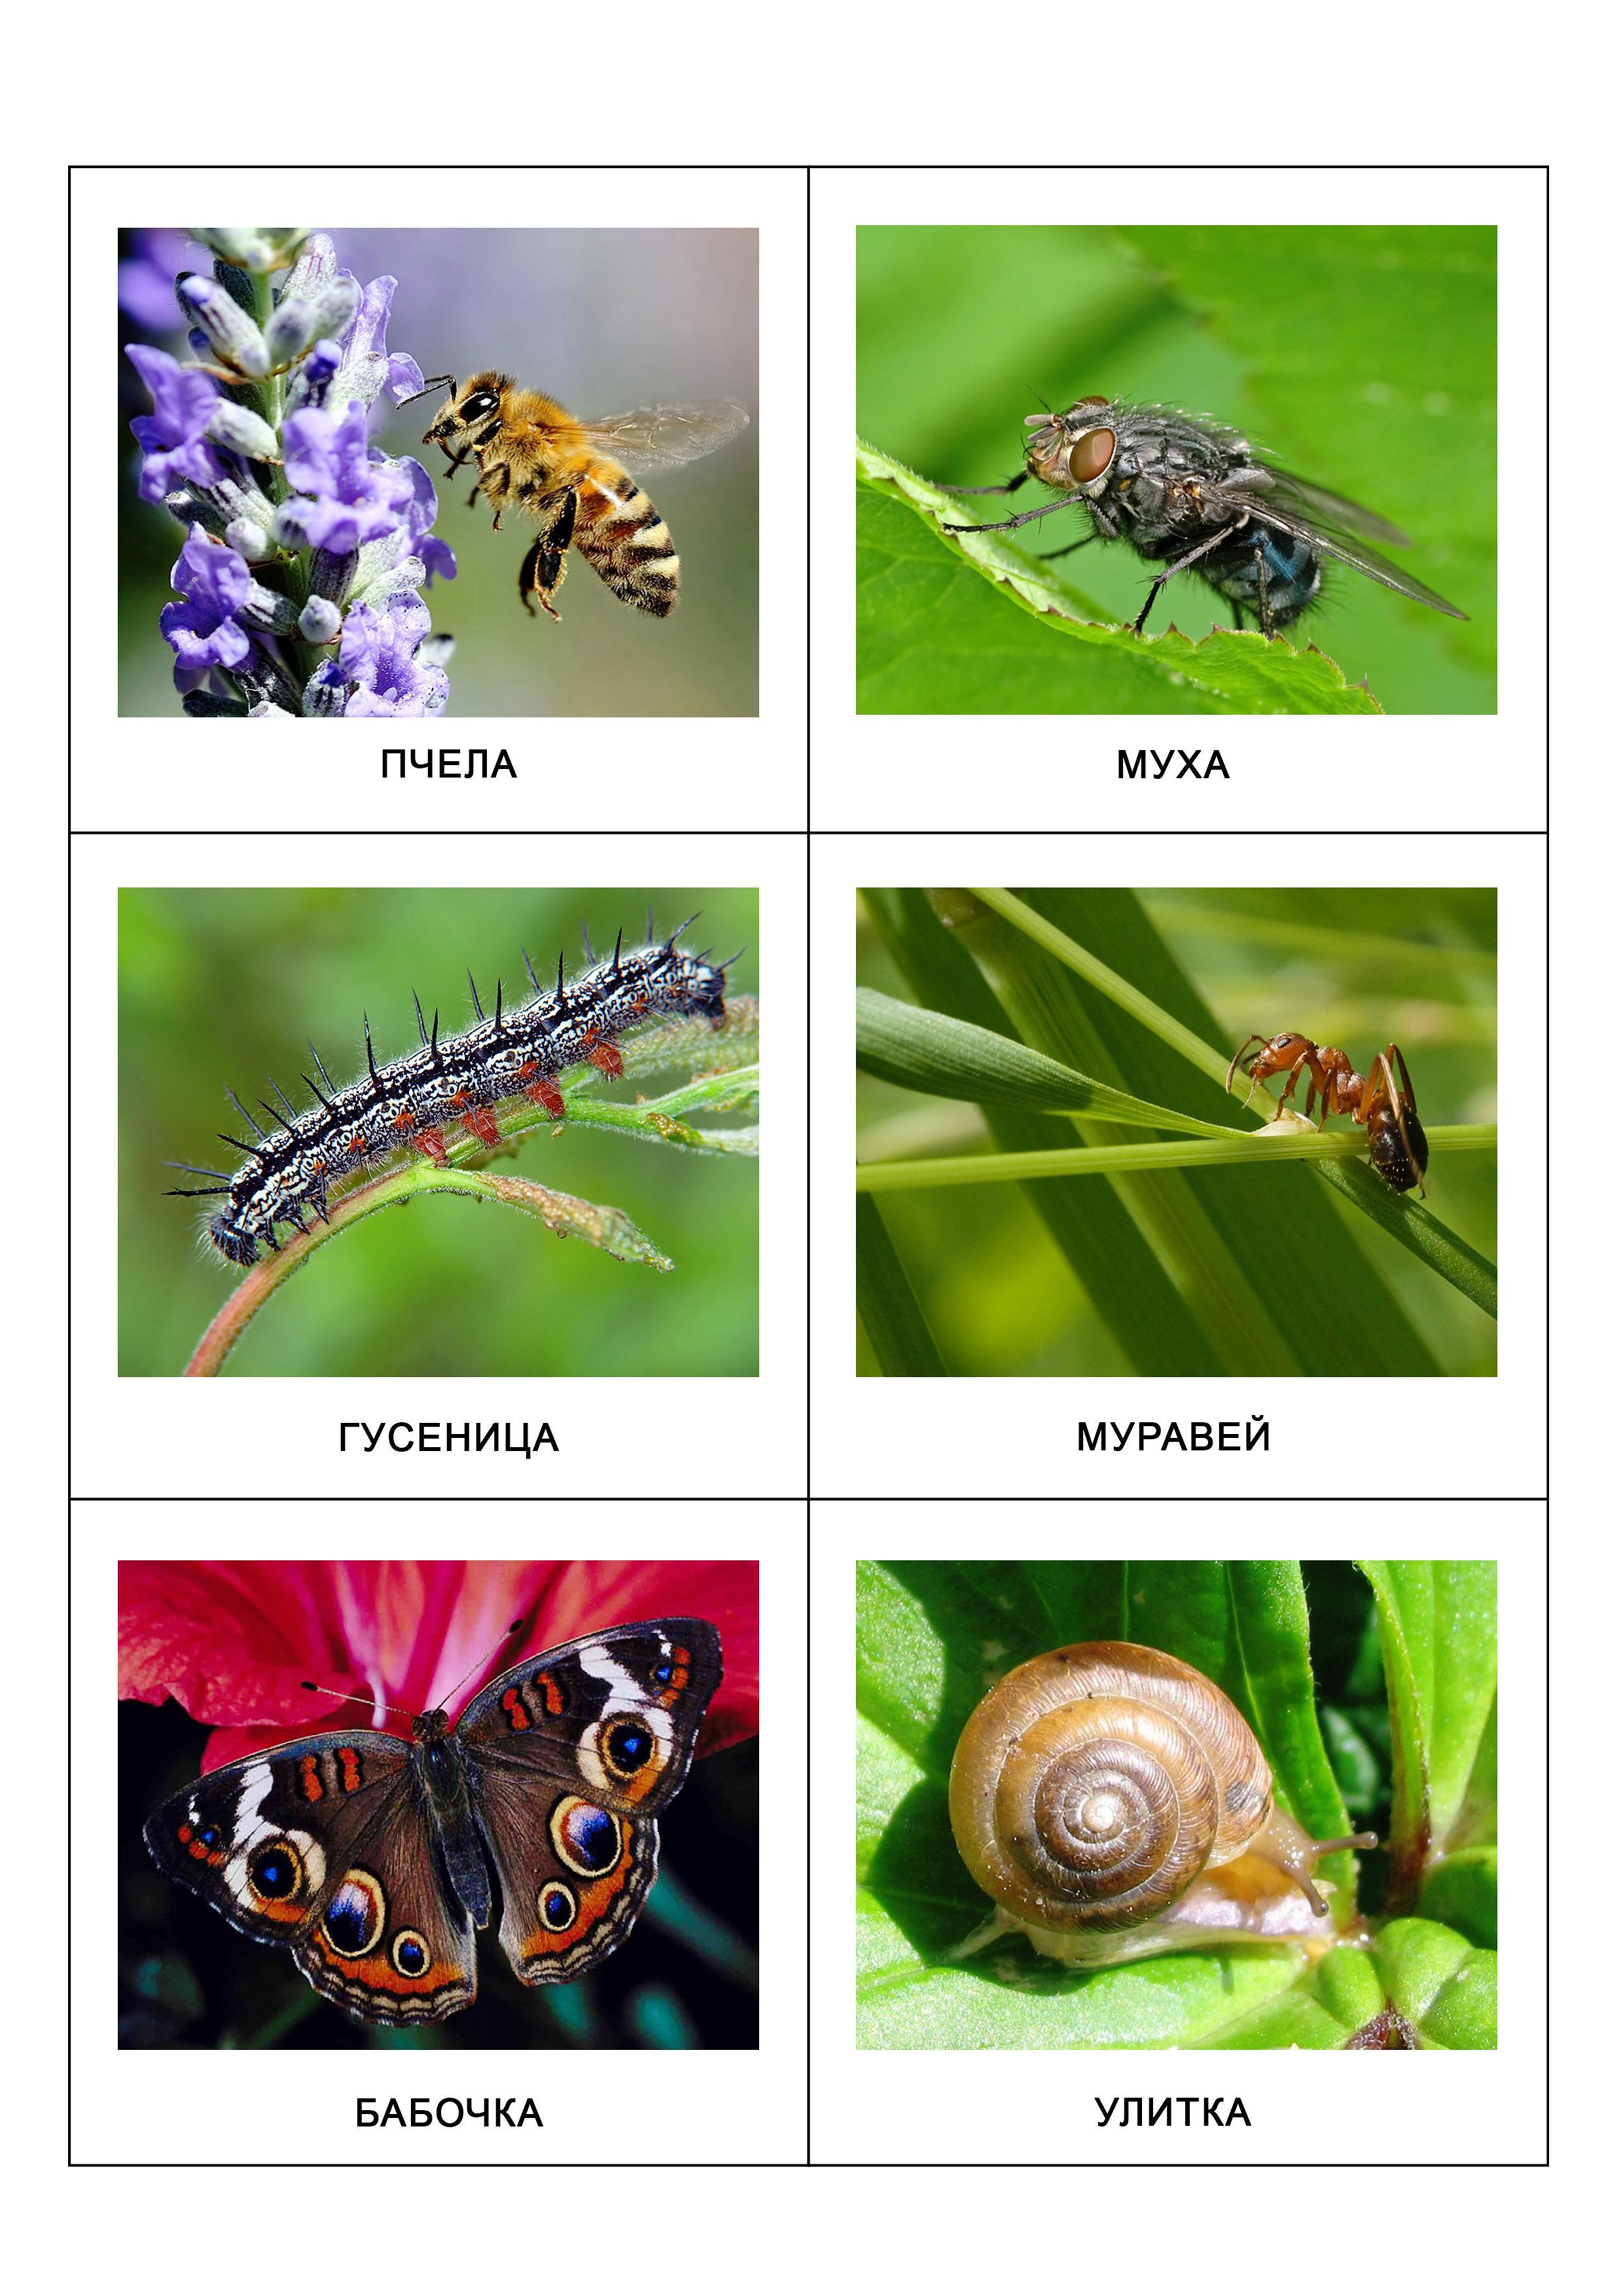 Пчела, муха, гусеница, муравей, бабочка, улитка